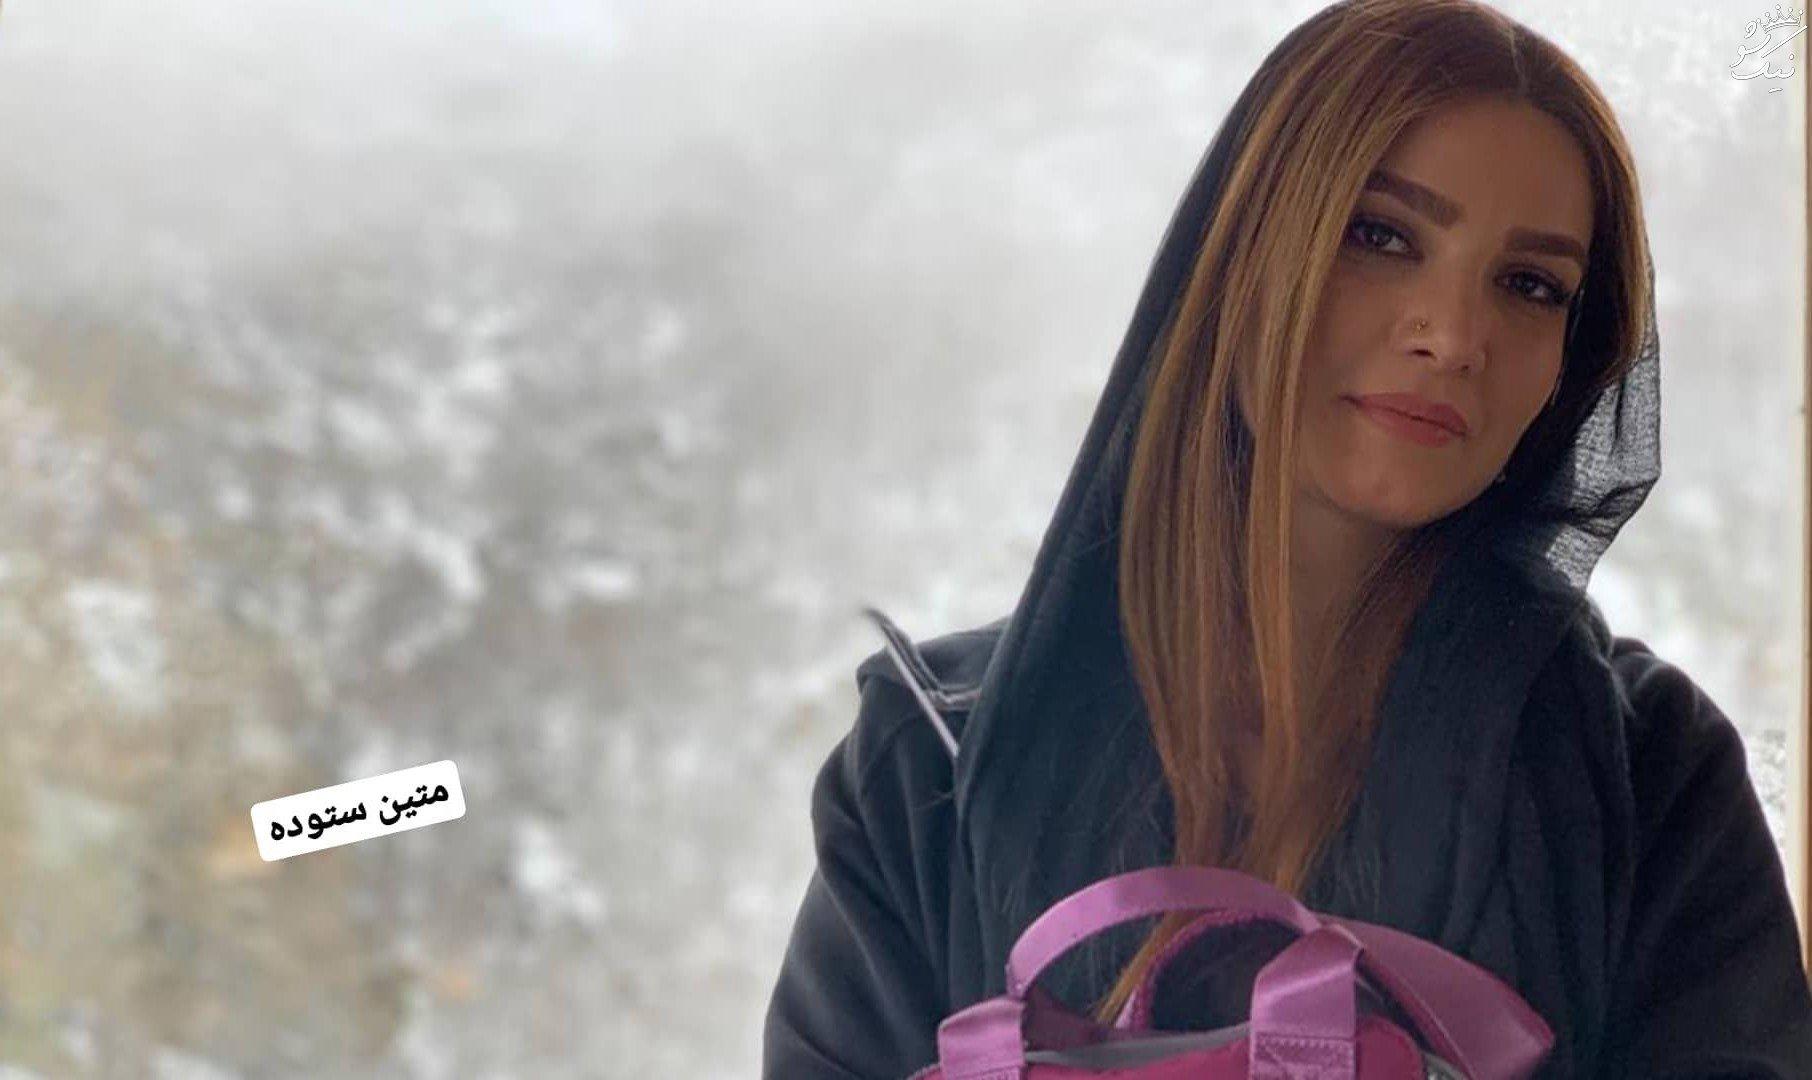 جدیدترین عکسهای متین ستوده در اینستاگرام (2)